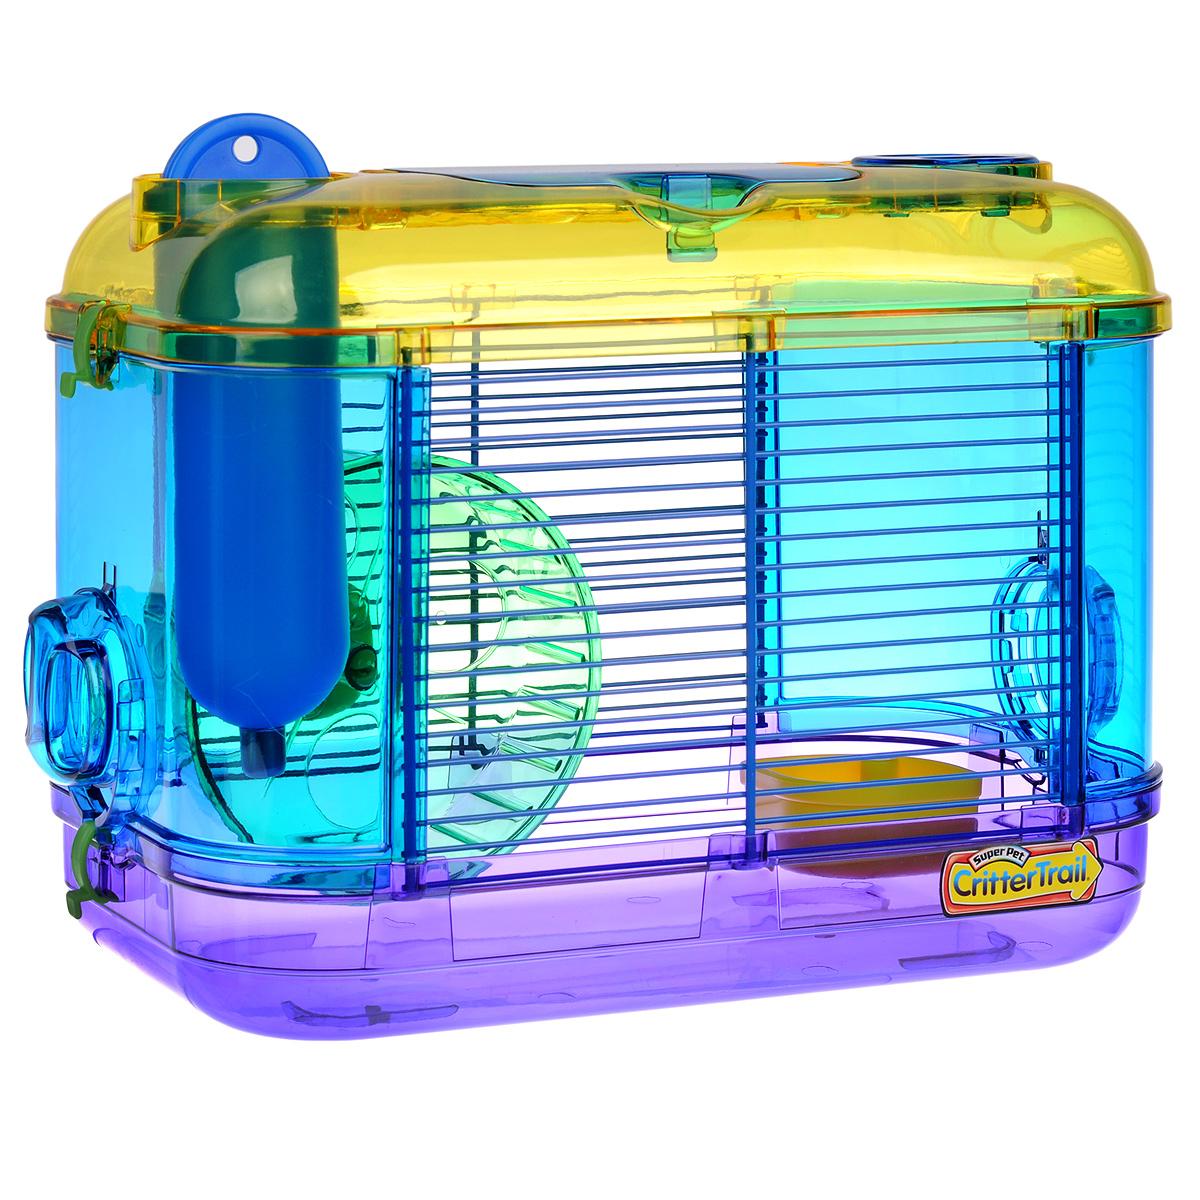 Клетка для грызунов I.P.T.S.  Mini , с игровым комплексом, 32 см х 20 см х 24 см